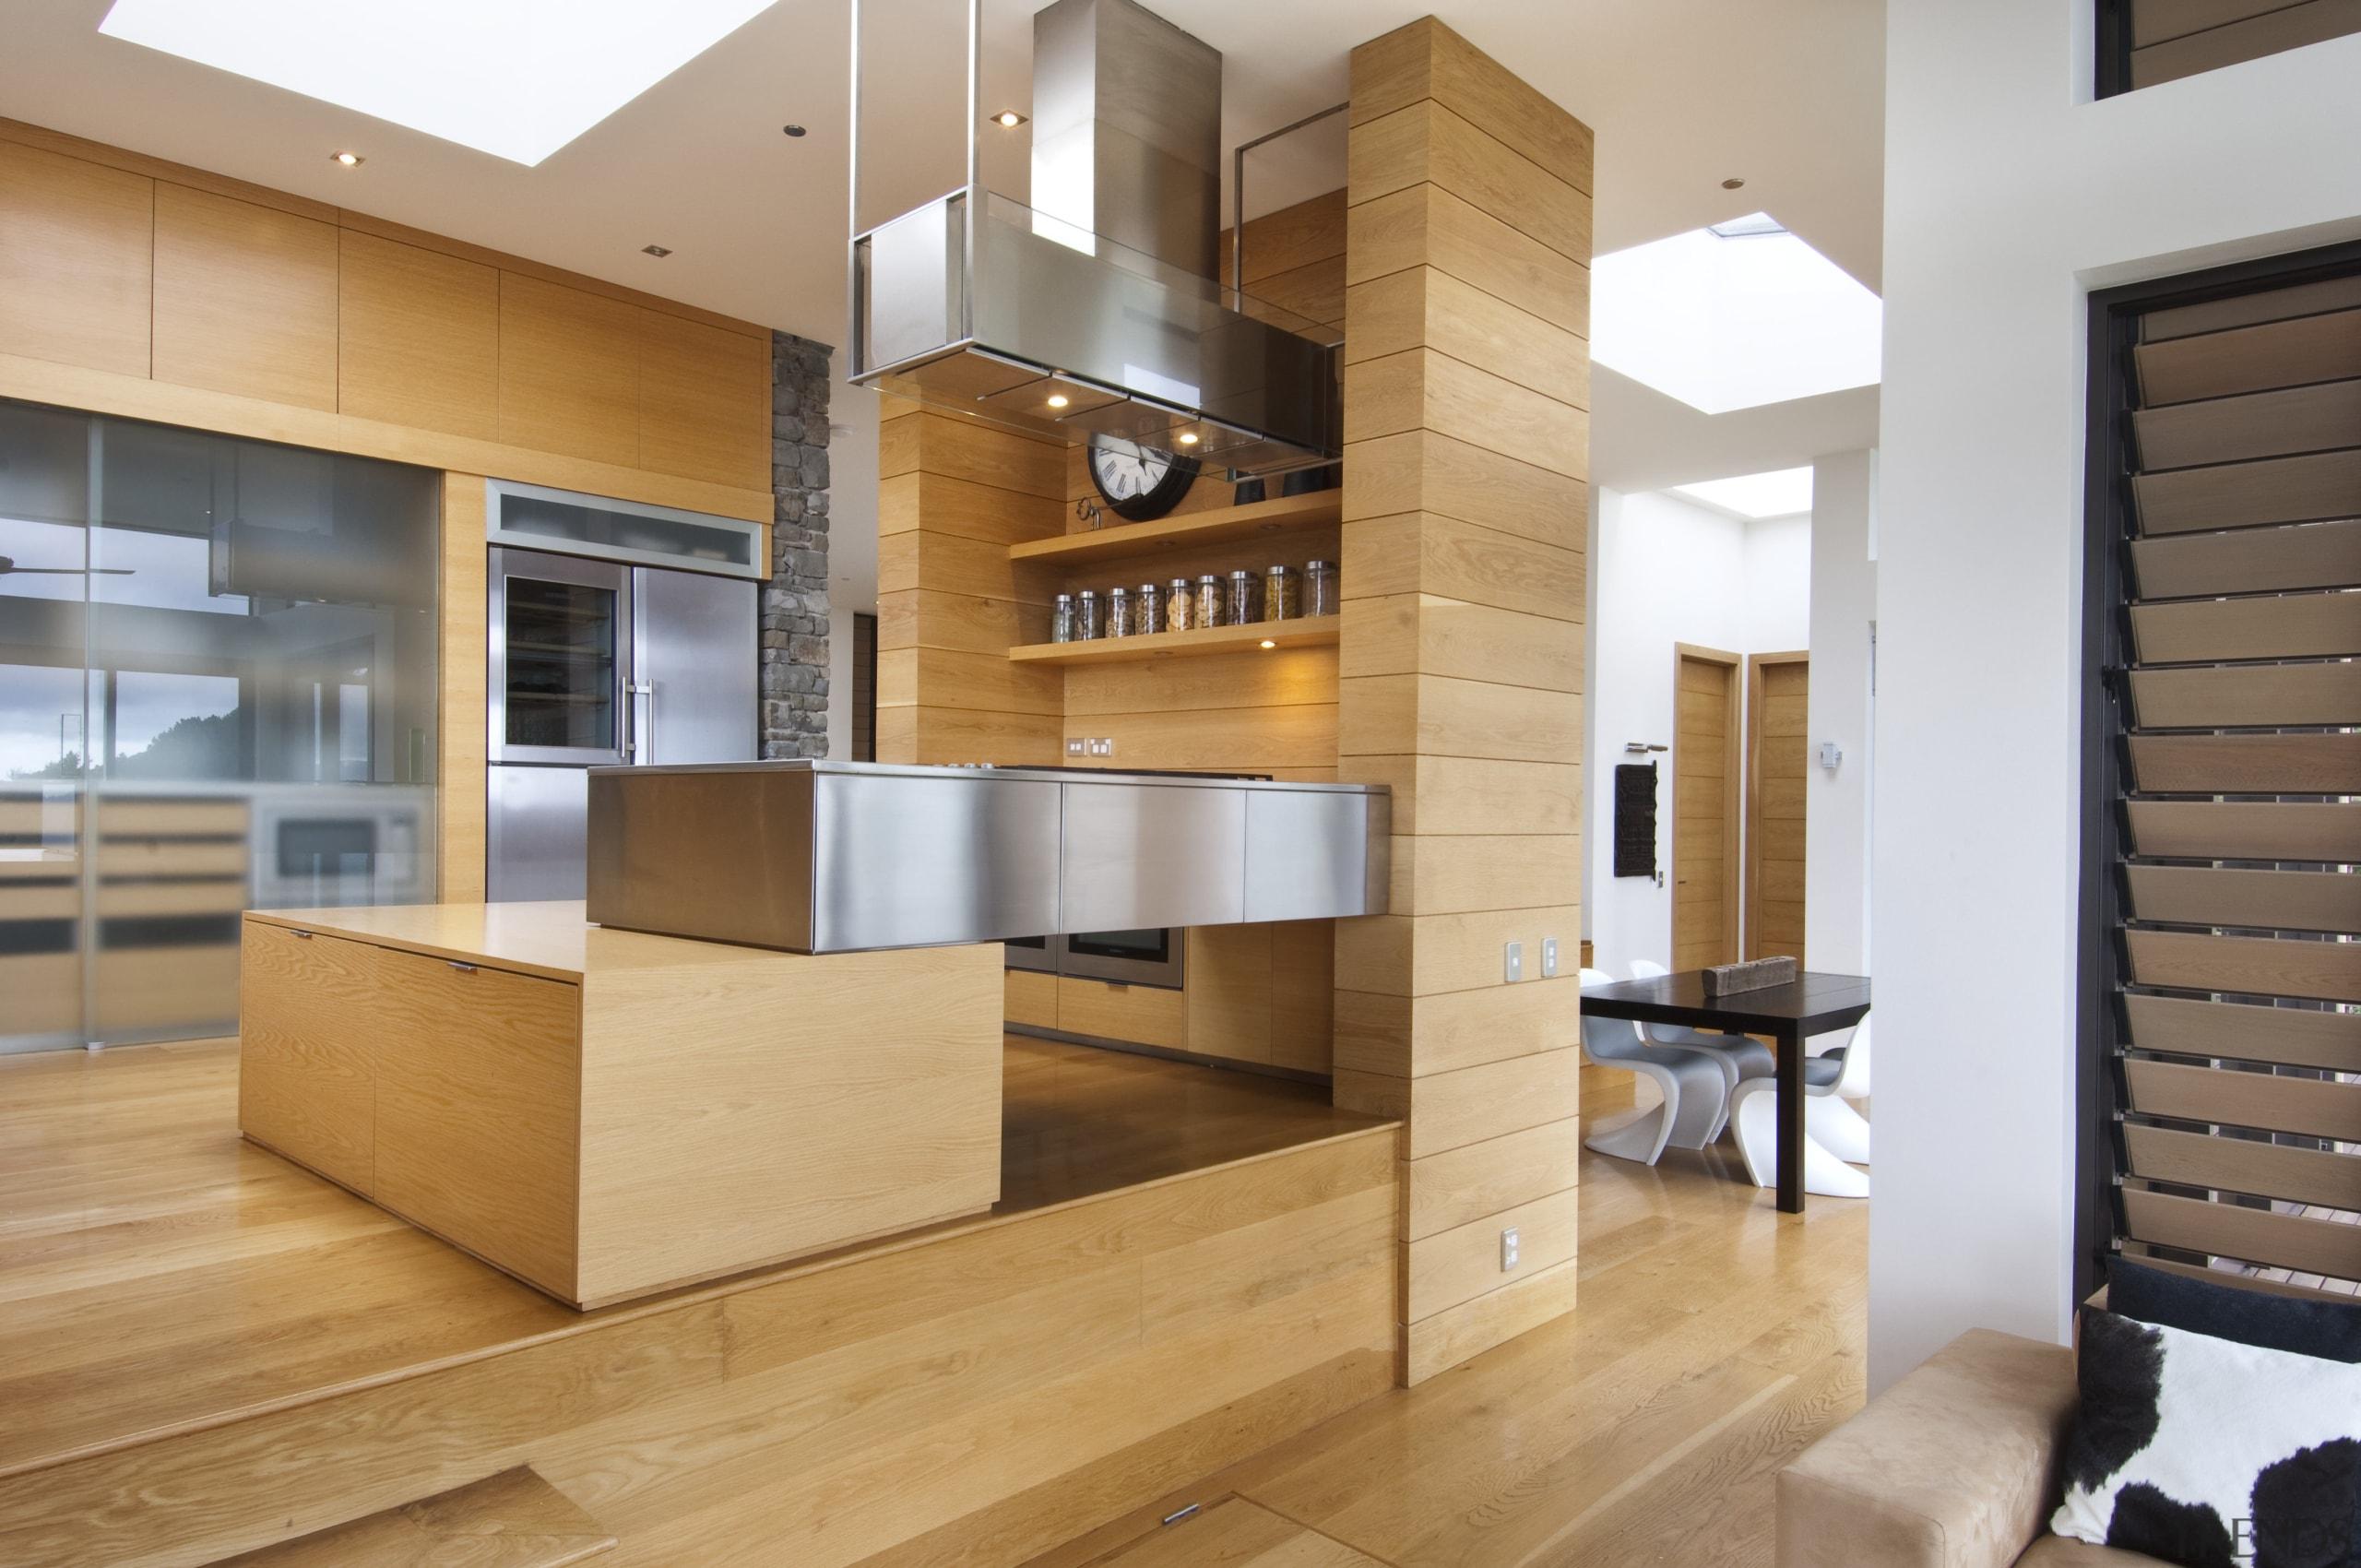 Raised floor kitchen. Stainless steel Binova cooktop. American cabinetry, countertop, cuisine classique, floor, furniture, hardwood, interior design, kitchen, wood, orange